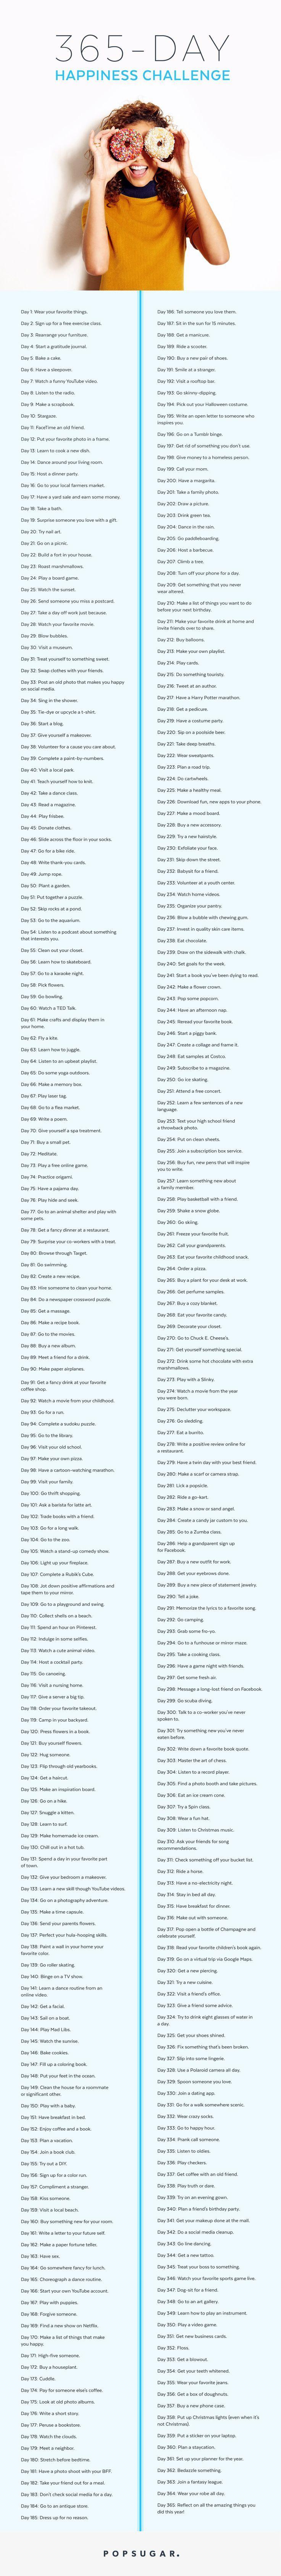 Die 365-Tage-Glücks-Herausforderung, die garantiert Ihr Leben verändert – #365…